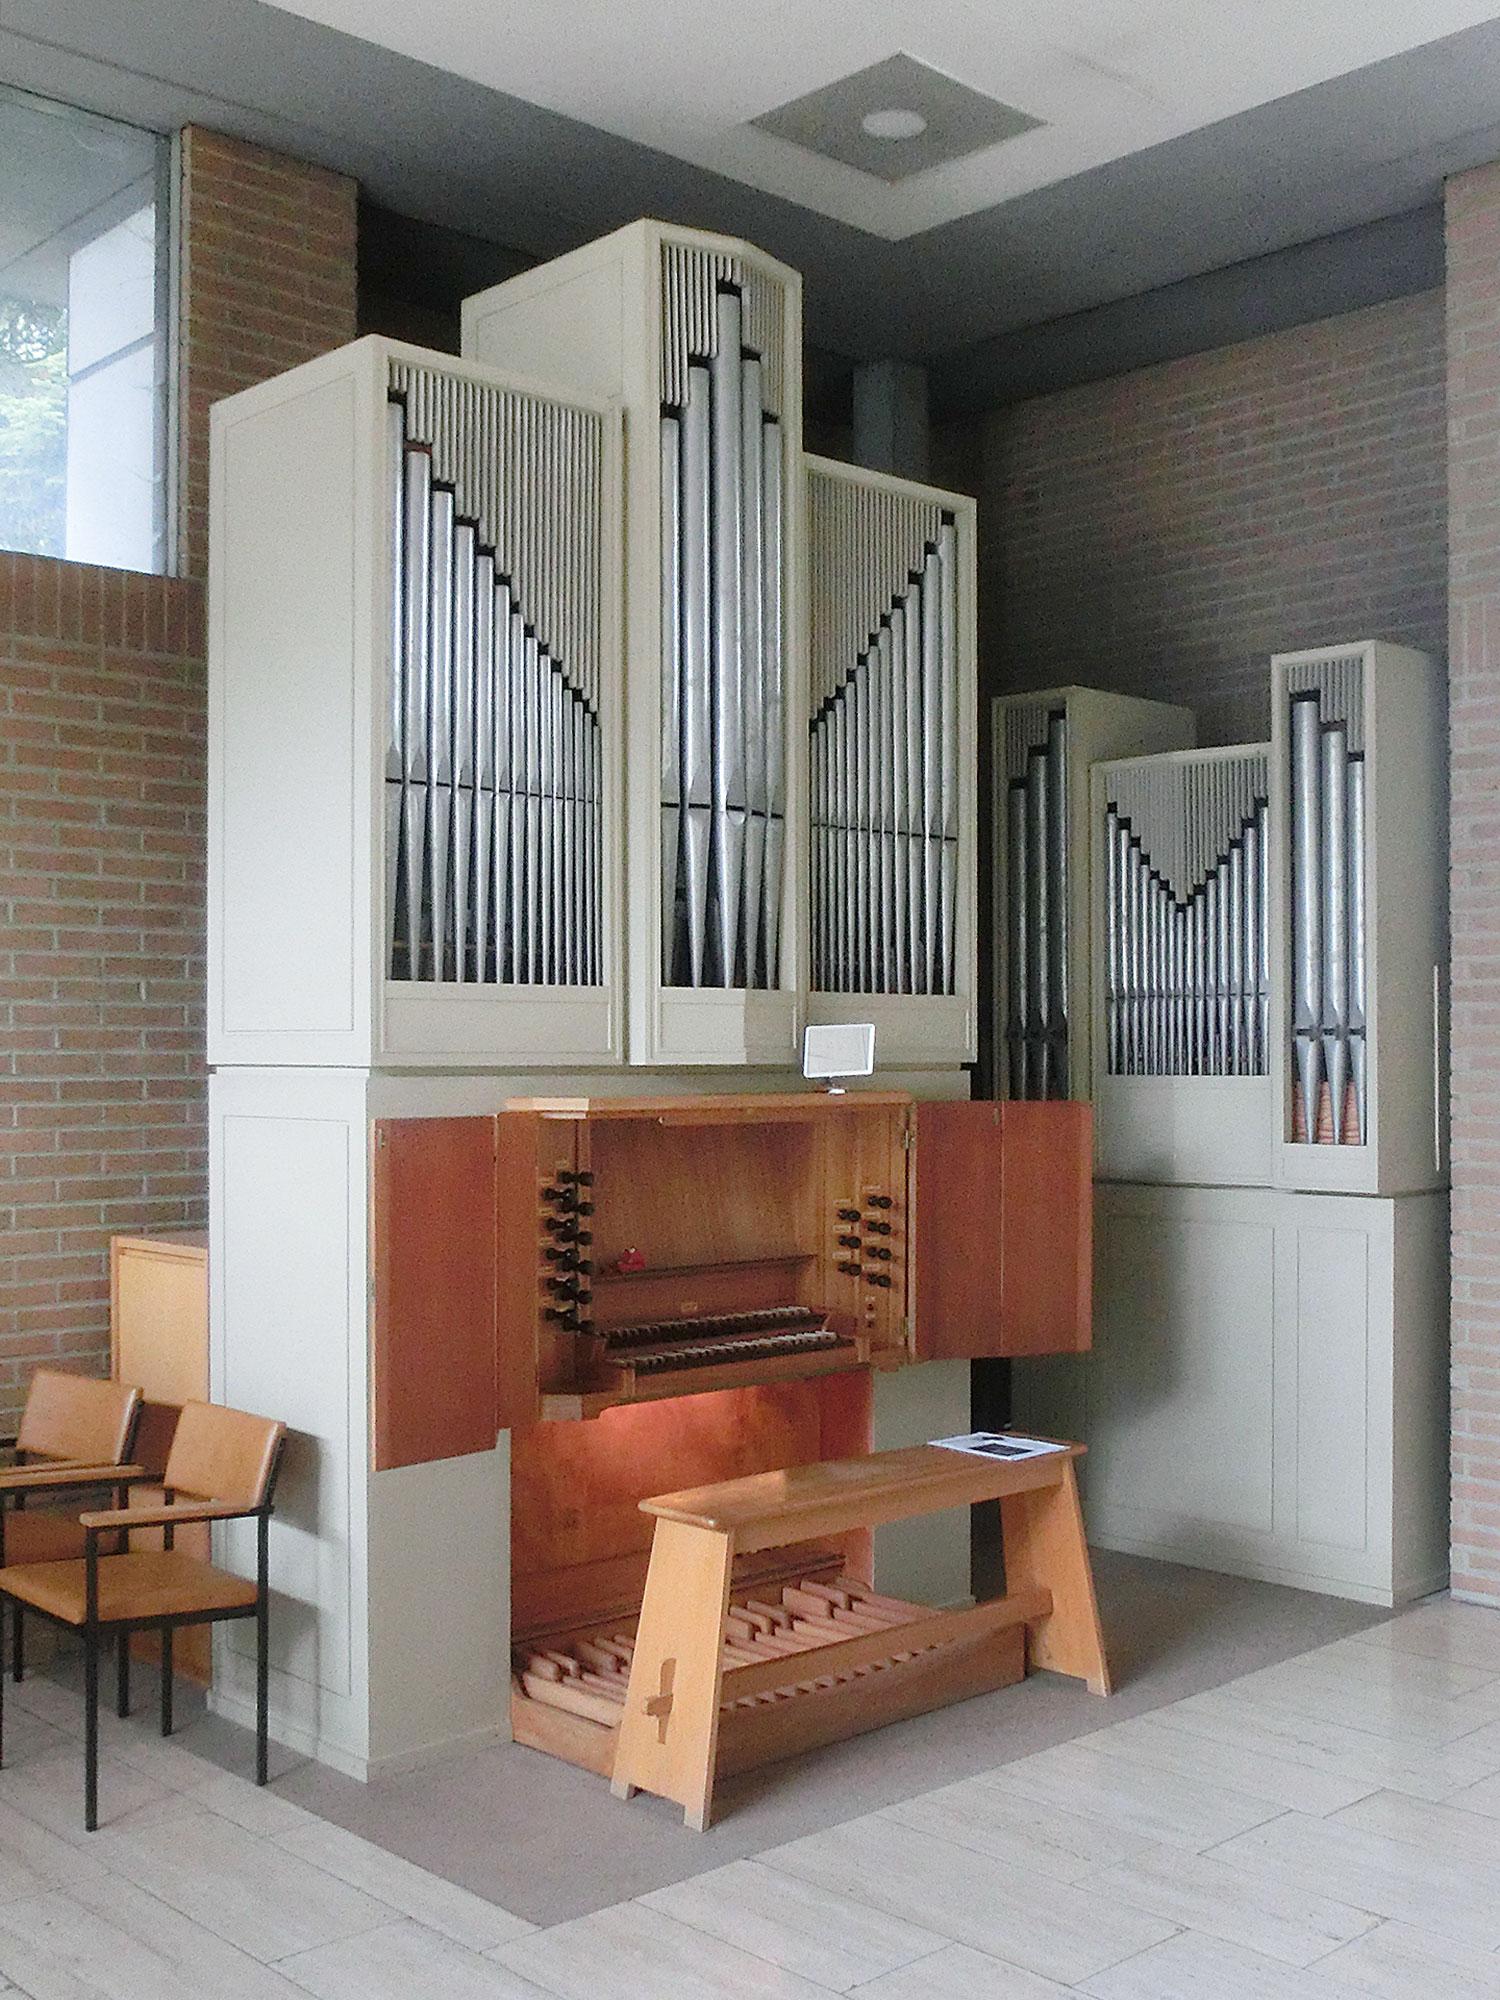 Ott-Orgel Angebote Orgelbau Sauer und Heinemann Gebrauchtorgeln